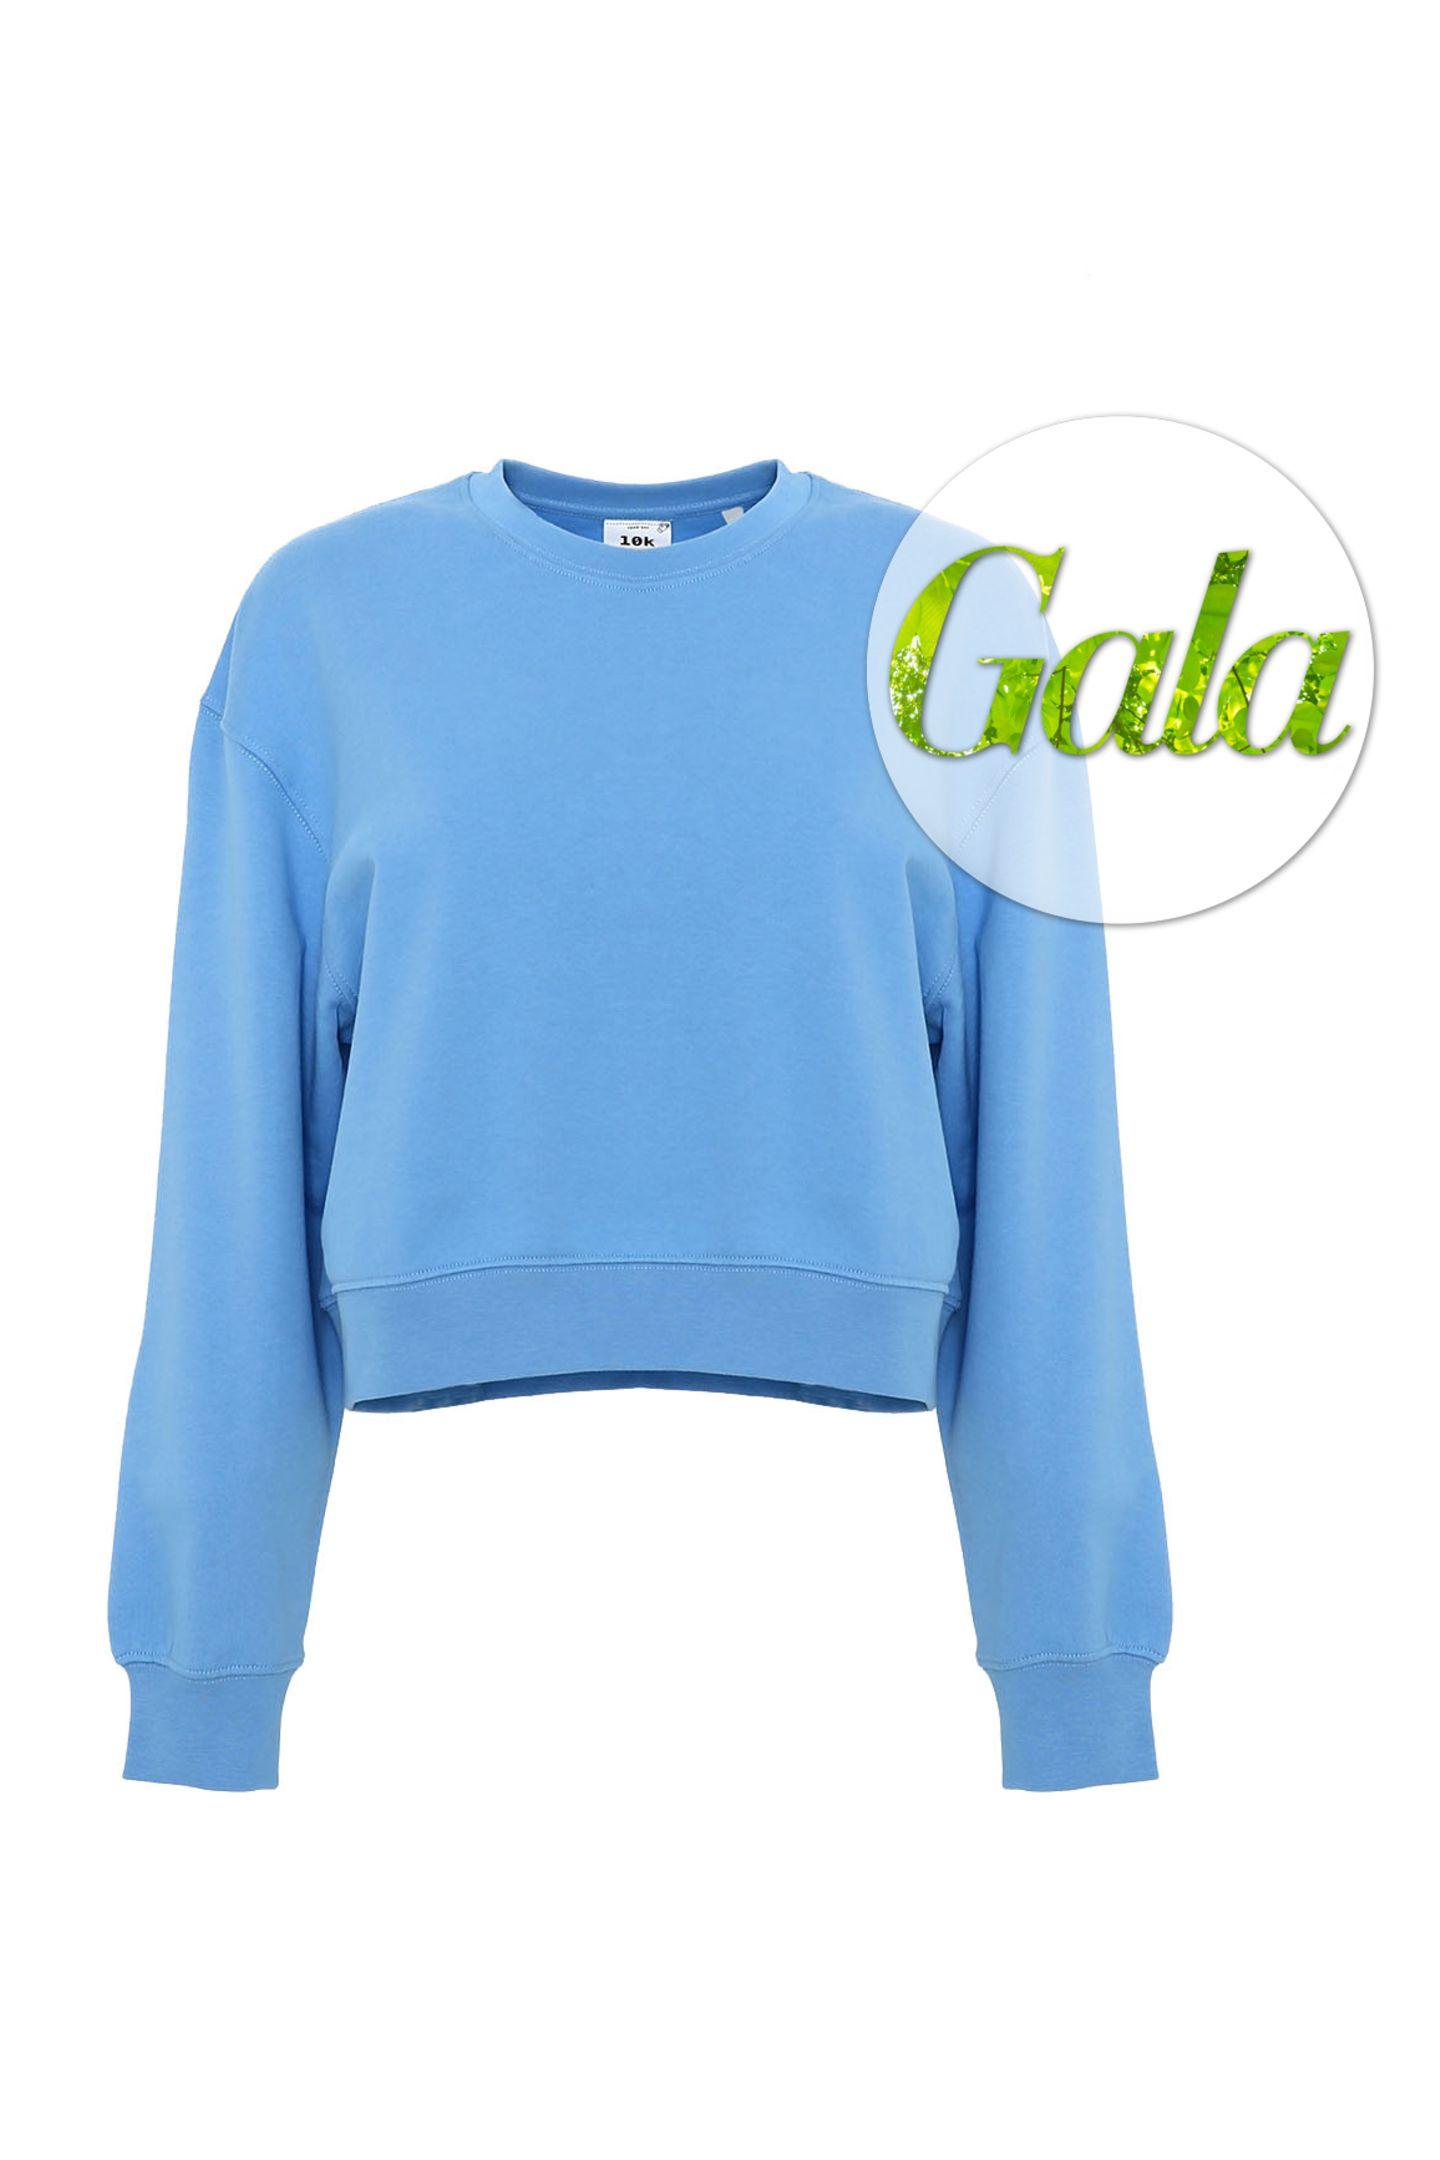 """Dieser Pullover ist grün. Sie machen sich jetzt Sorgen um ihre Augen? Müssen Sie nicht. Denn Sie haben ganz Recht: Der Sweater ist eigentlich hellblau. Aber es ist zu 100% aus Bio-Bauwolle gefertigt und stammt von dem Label """"10k"""", das sich um unseren grünen Planeten sorgt. Nachhaltige, nachwachsende Ressourcen liegen dem Kollektiv aus Designern und Künstlern am Herzen. We love! (Von 10K, ca. 35 Euro.)"""